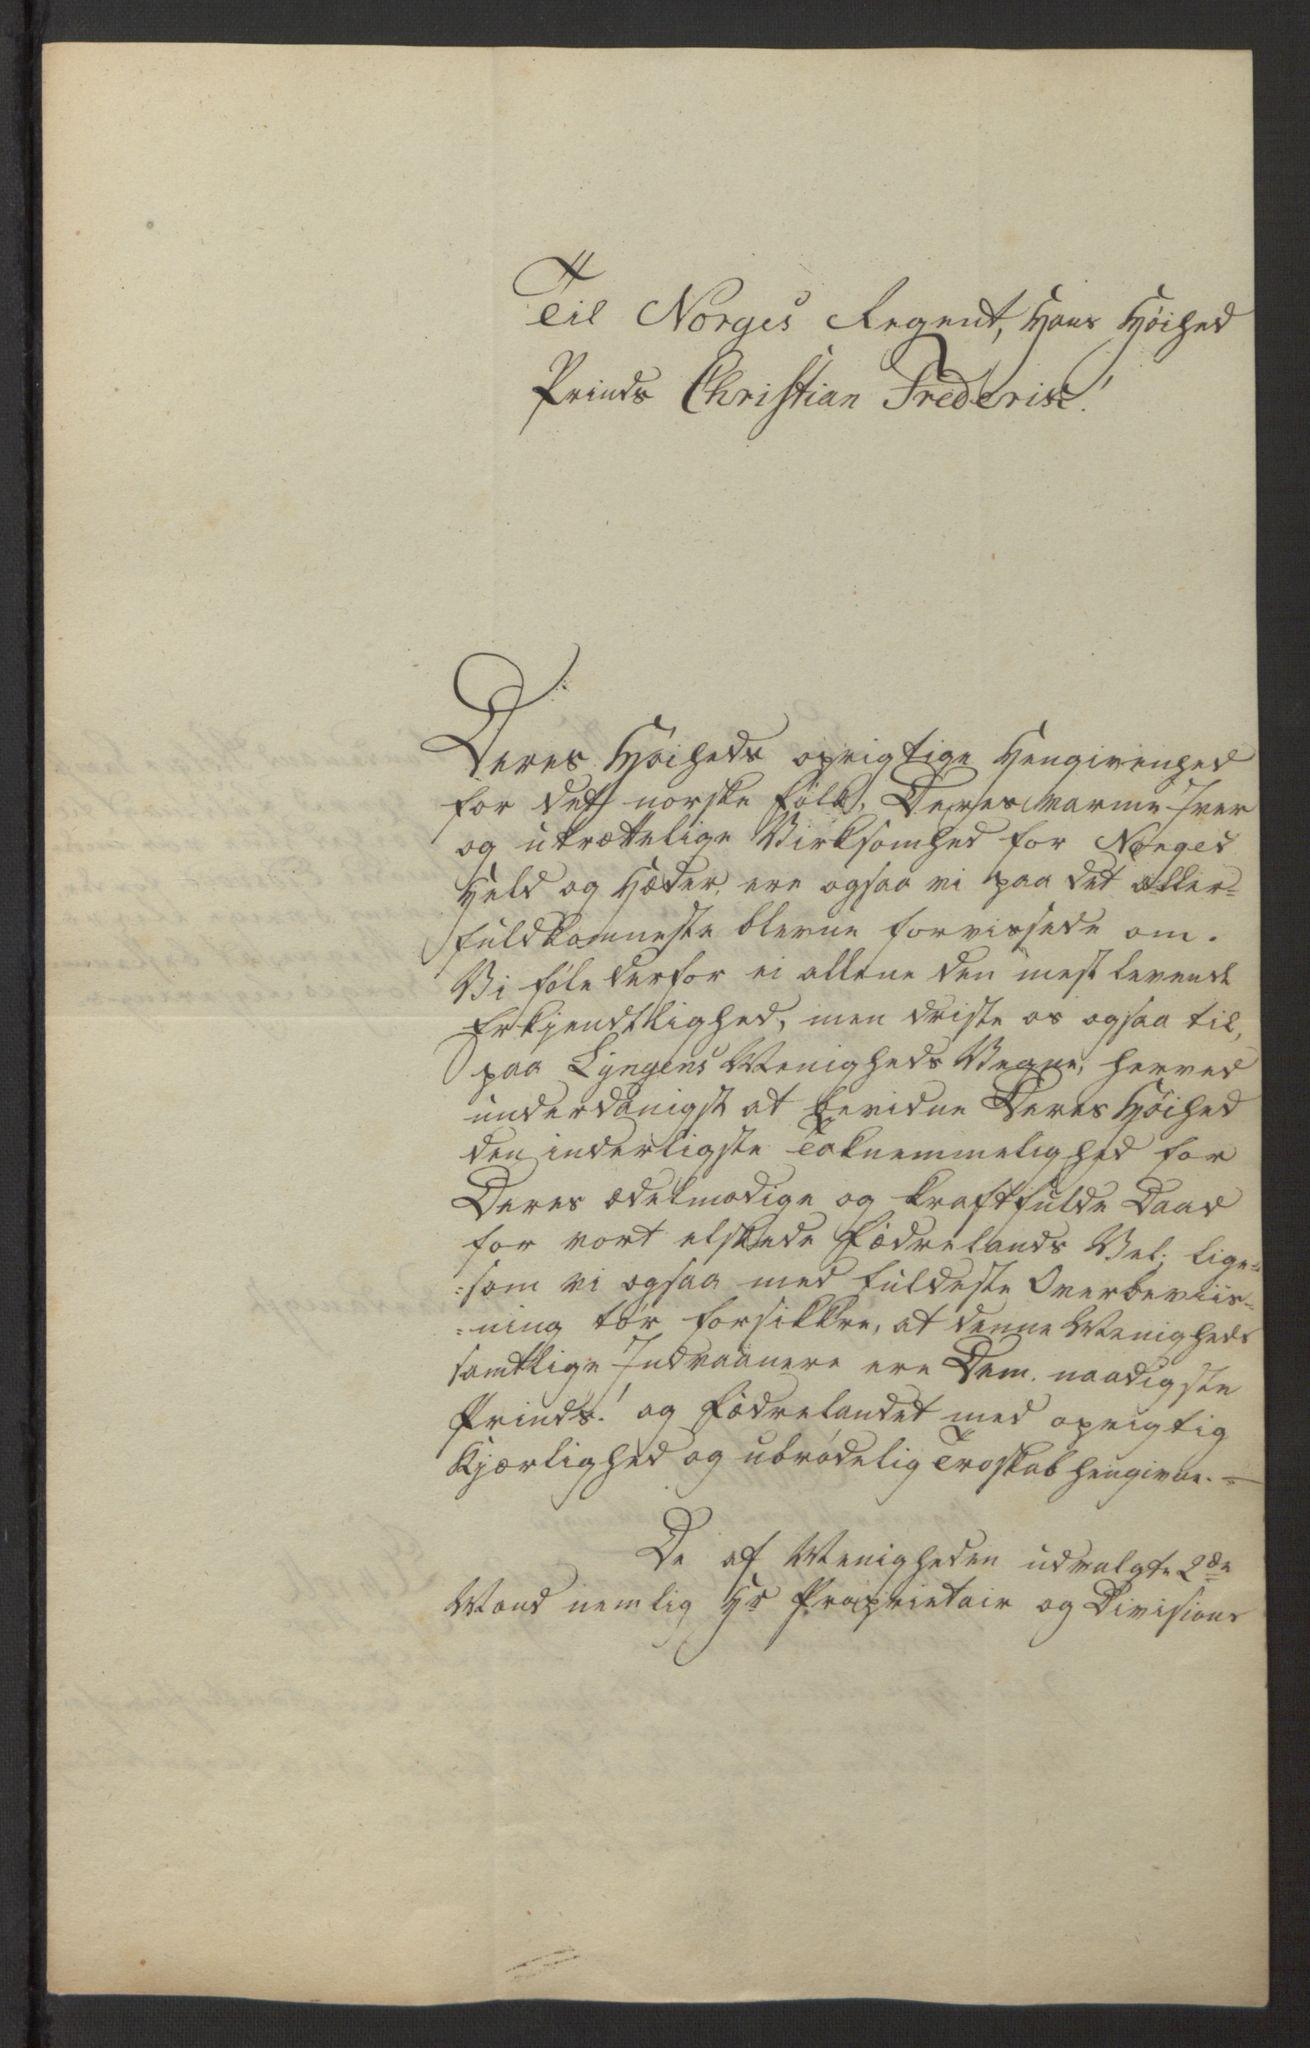 SATØ, Amtmannen/Fylkesmannen i Finnmark*, 1814, s. 35